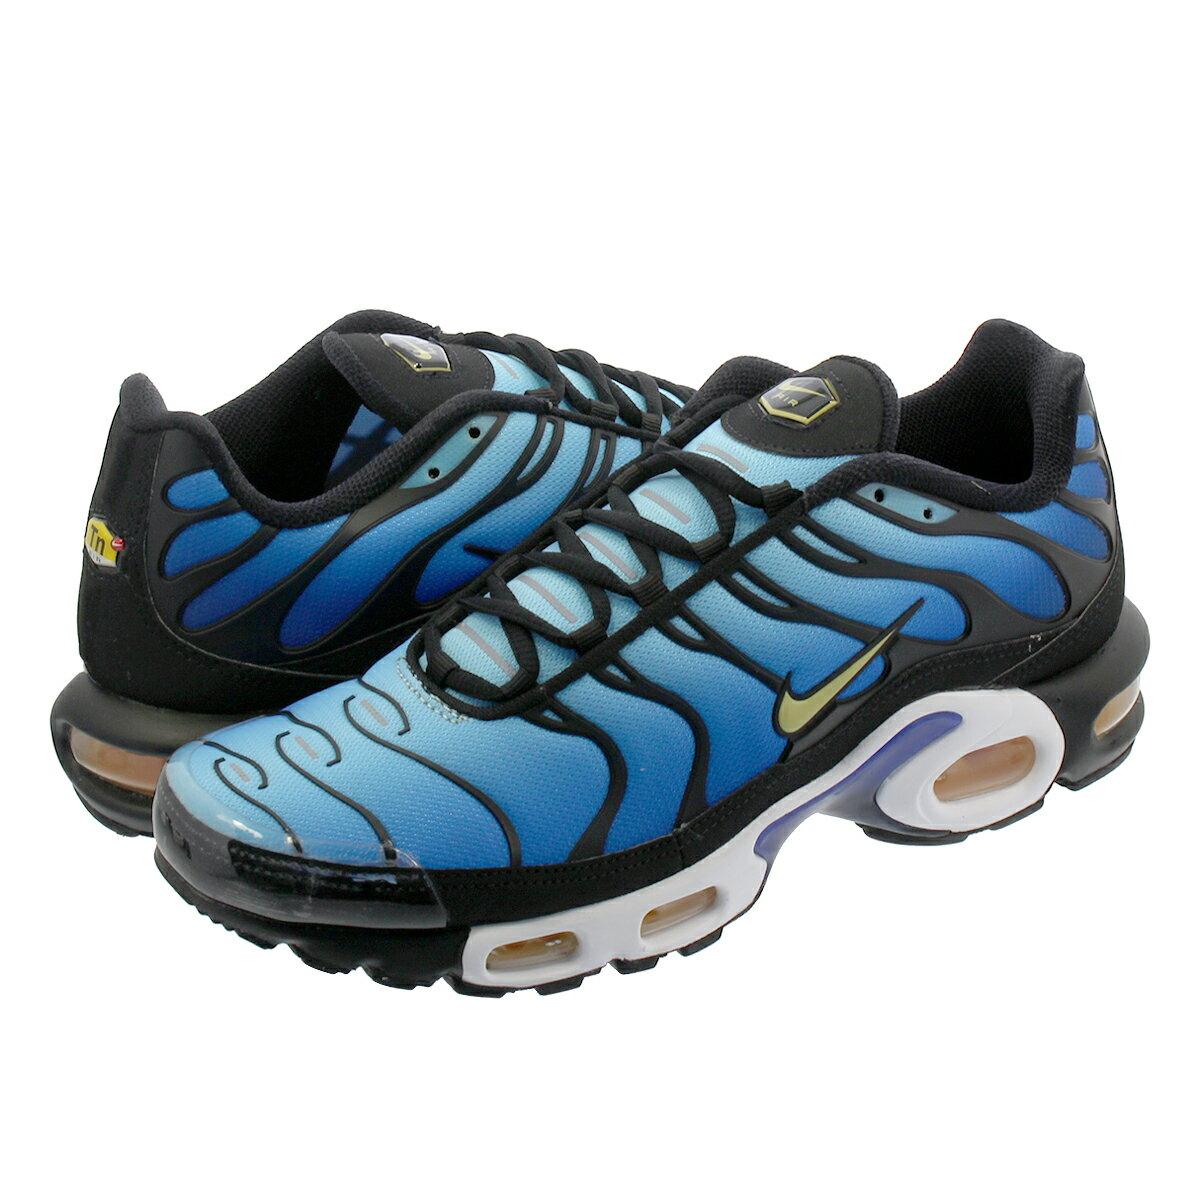 メンズ靴, スニーカー NIKE AIR MAX PLUS OG OG BLACKCHAMOISSKY BLUEHYPER BLUE bq4629-003